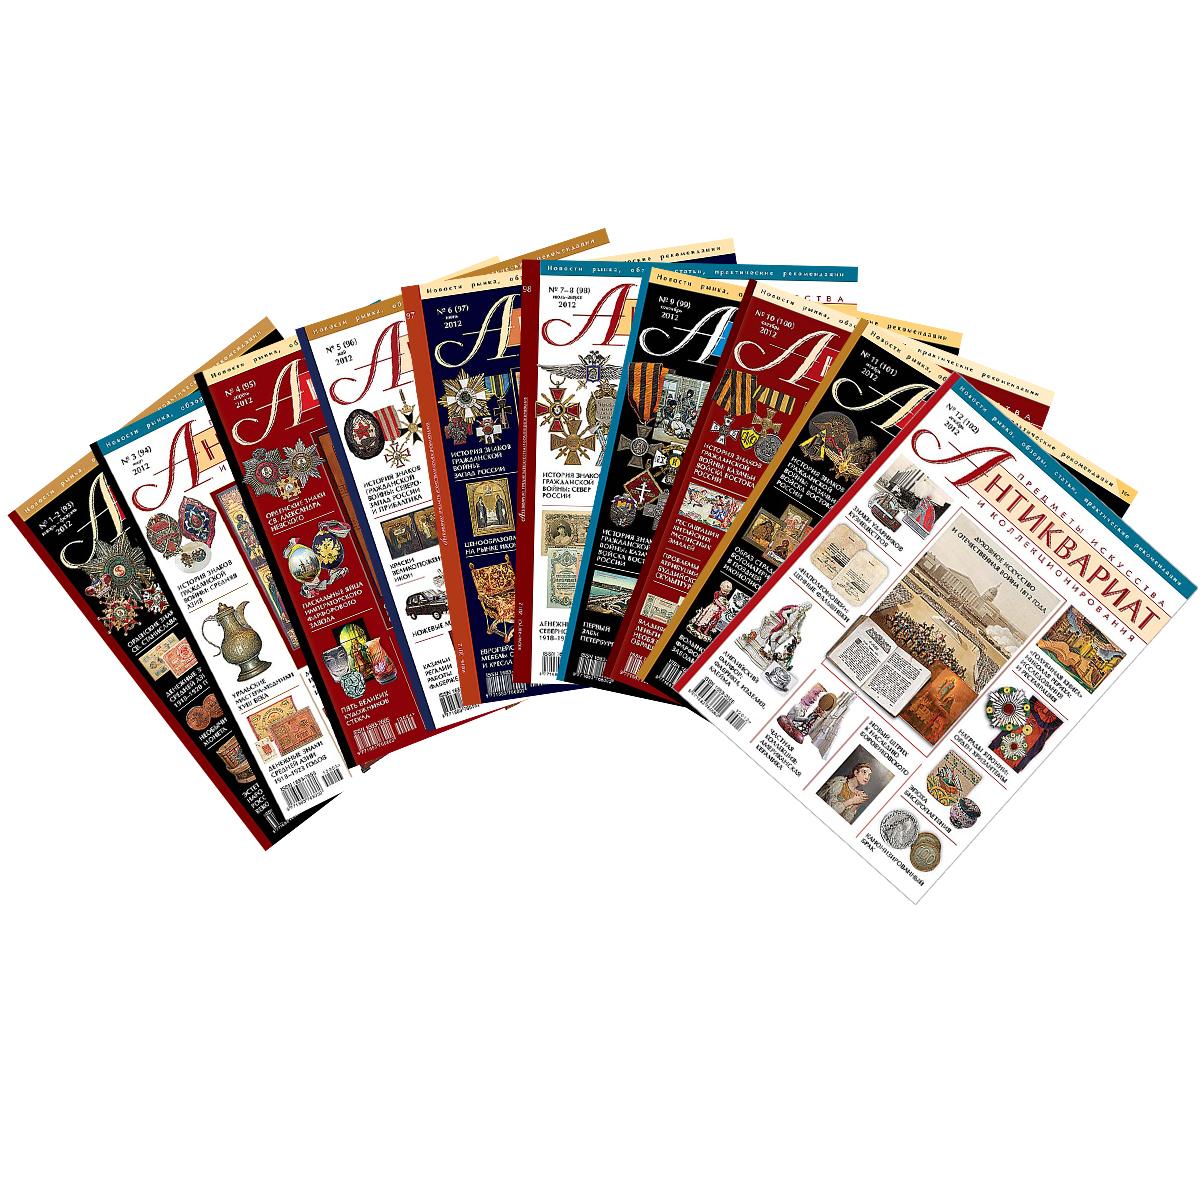 Антиквариат, предметы искусства и коллекционирования, №1-12, 2012 (годовой комплект) какой антиквариат можно выгодно продать